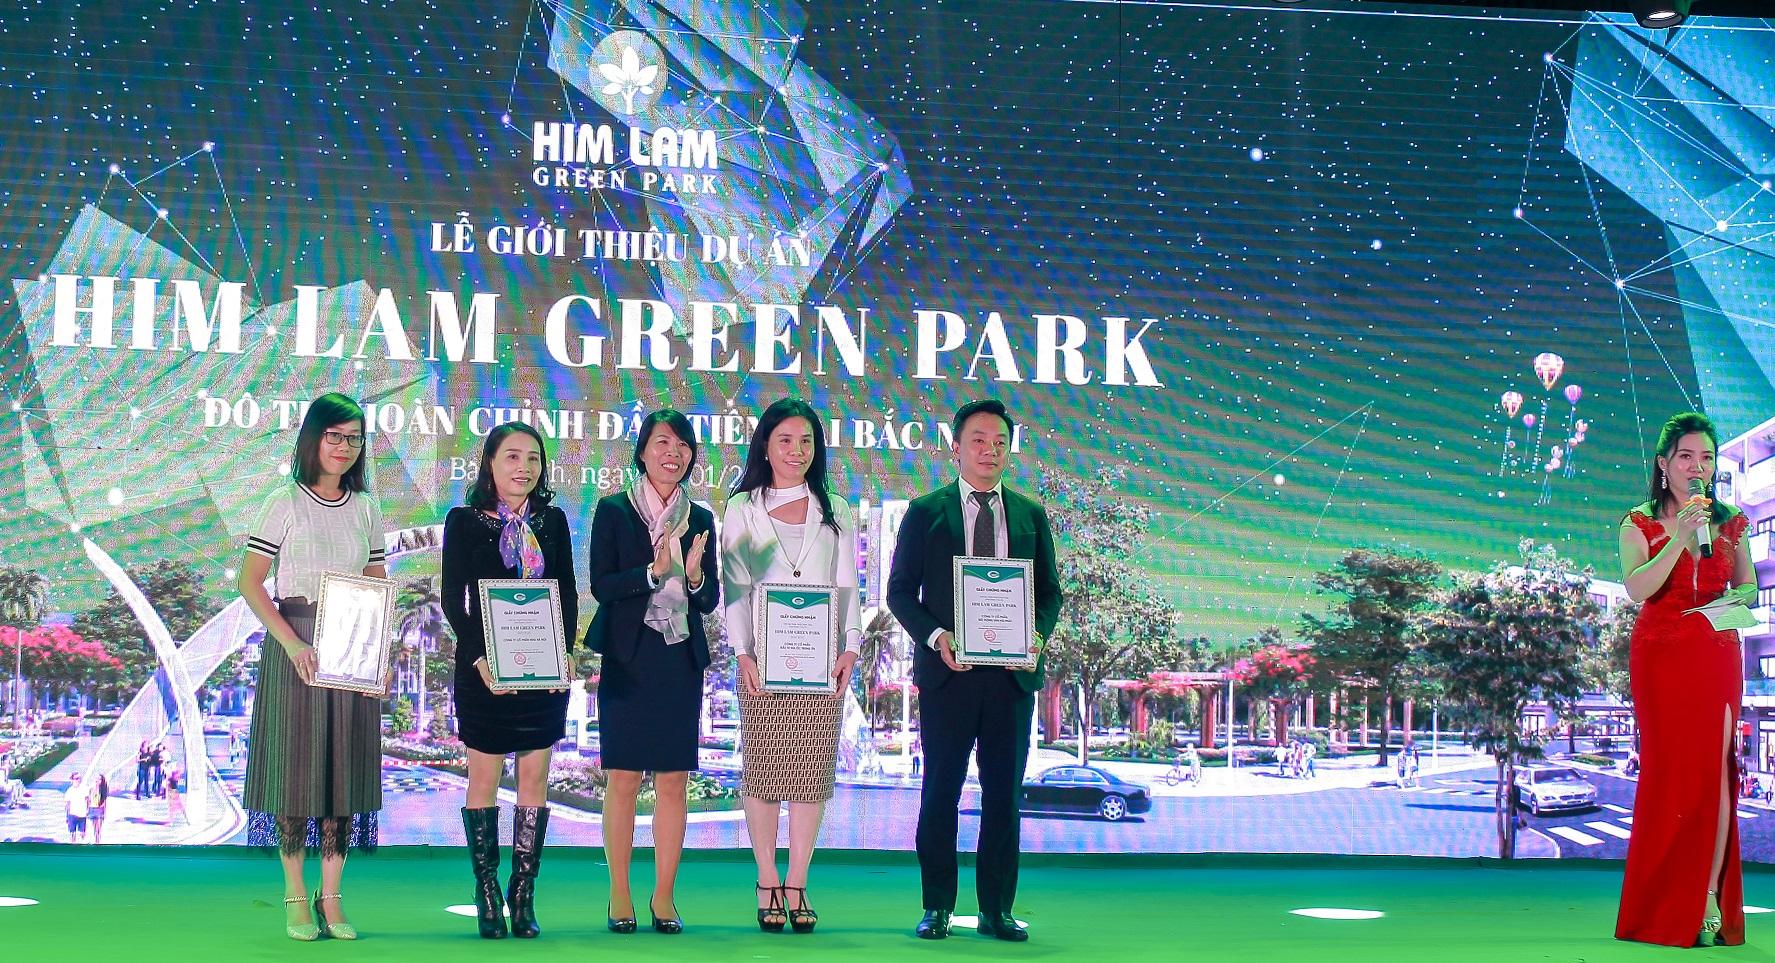 Sàn phân phối Him Lam Green Park